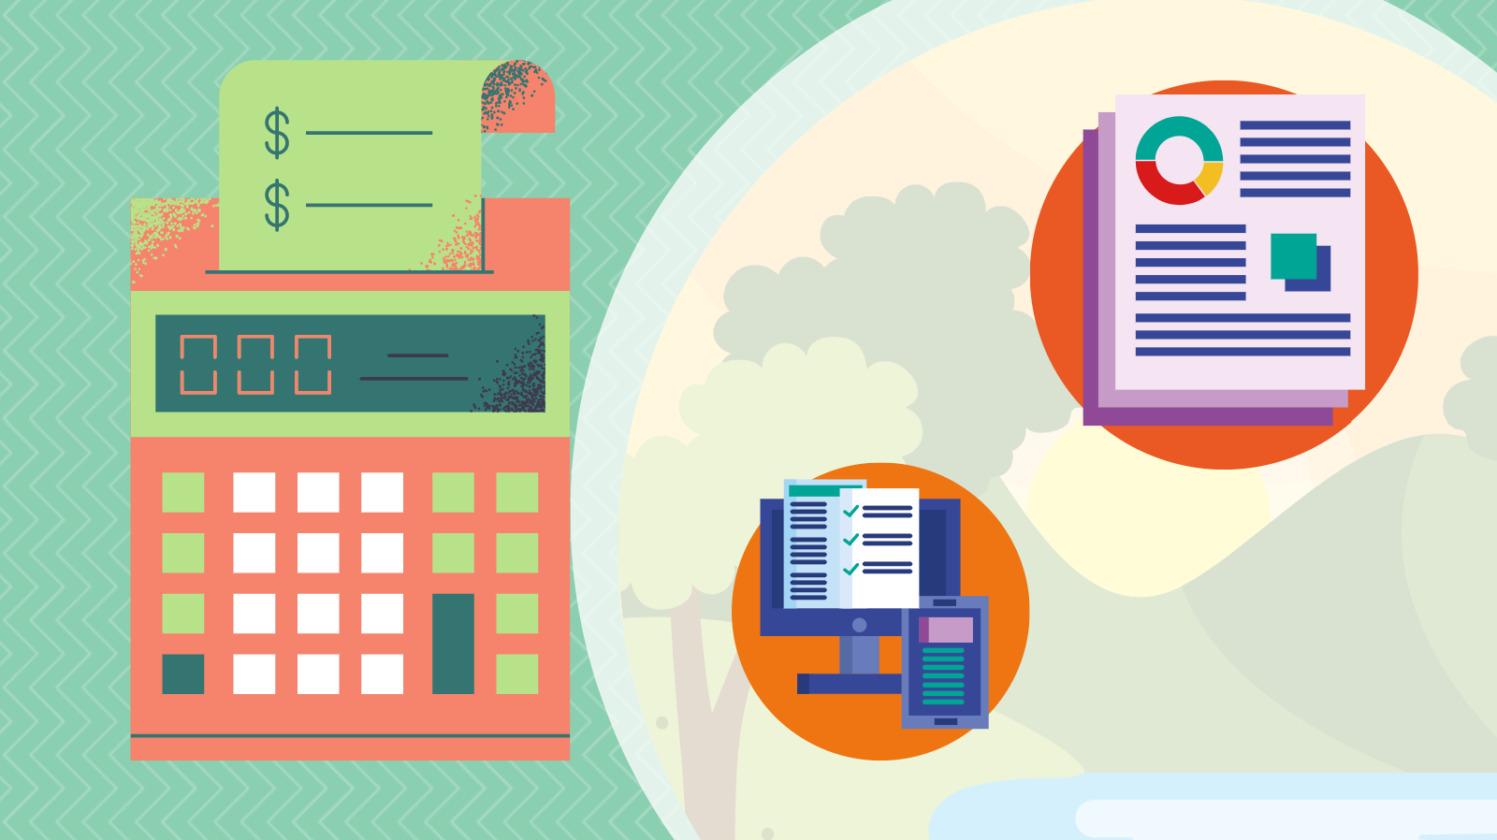 Web広告予算管理・レポート出力環境を紹介(弊社事例)